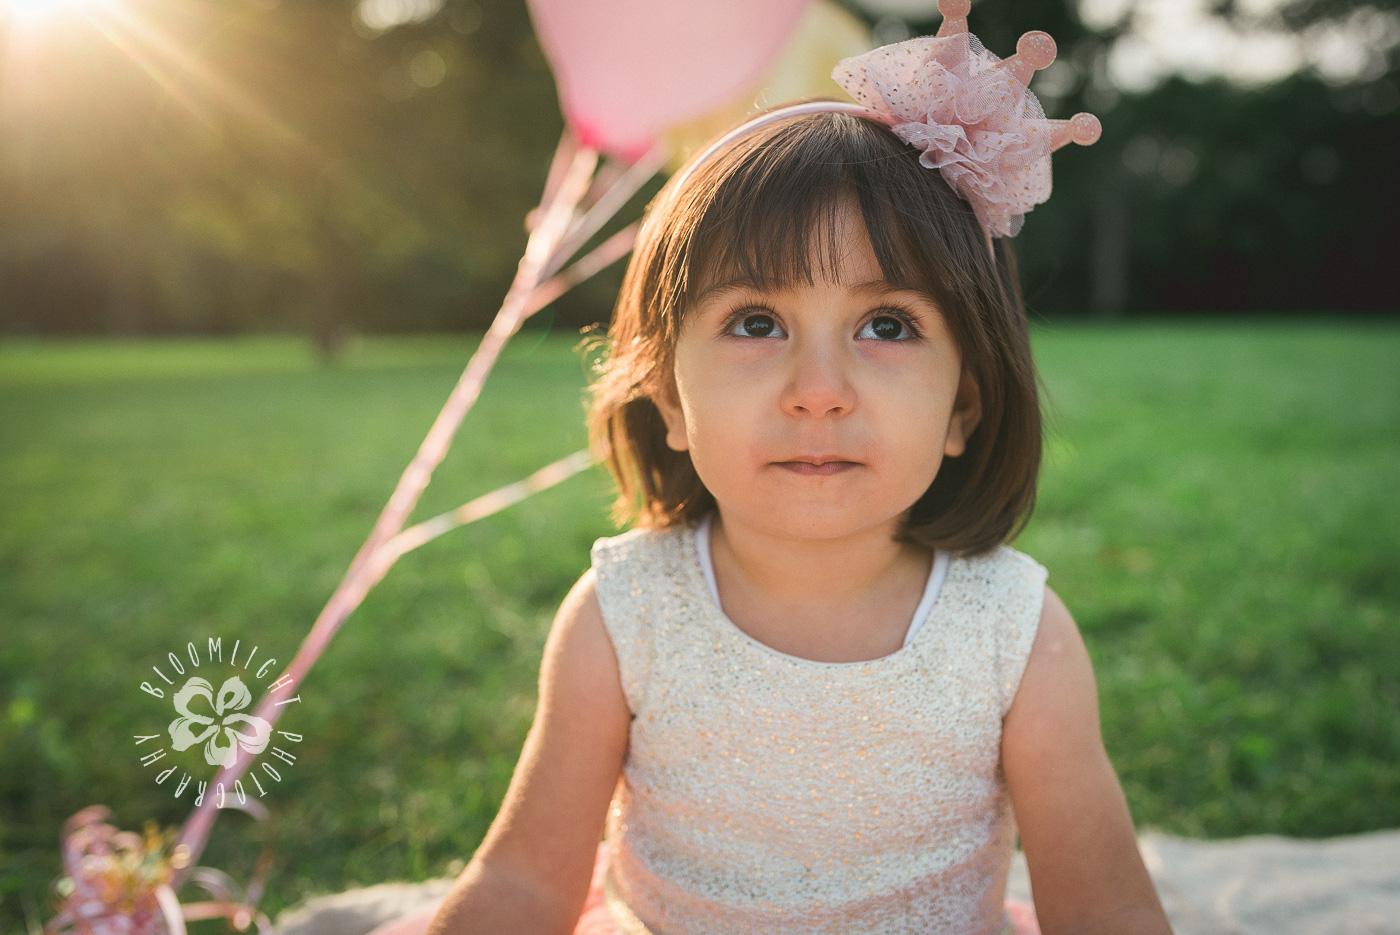 Toronto-and-GTA-Baby-photography (1).jpg